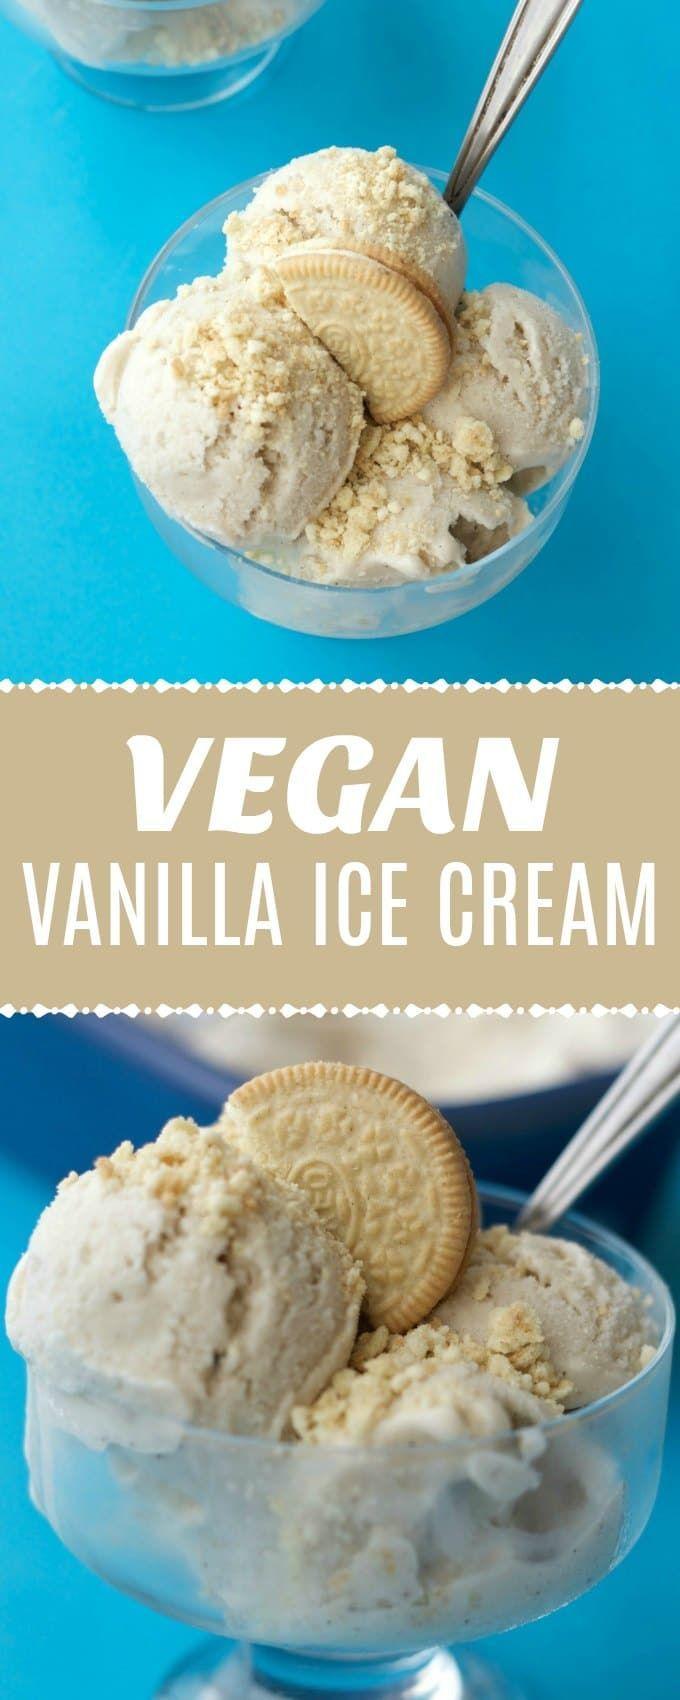 Easy vegan vanilla ice cream recipe